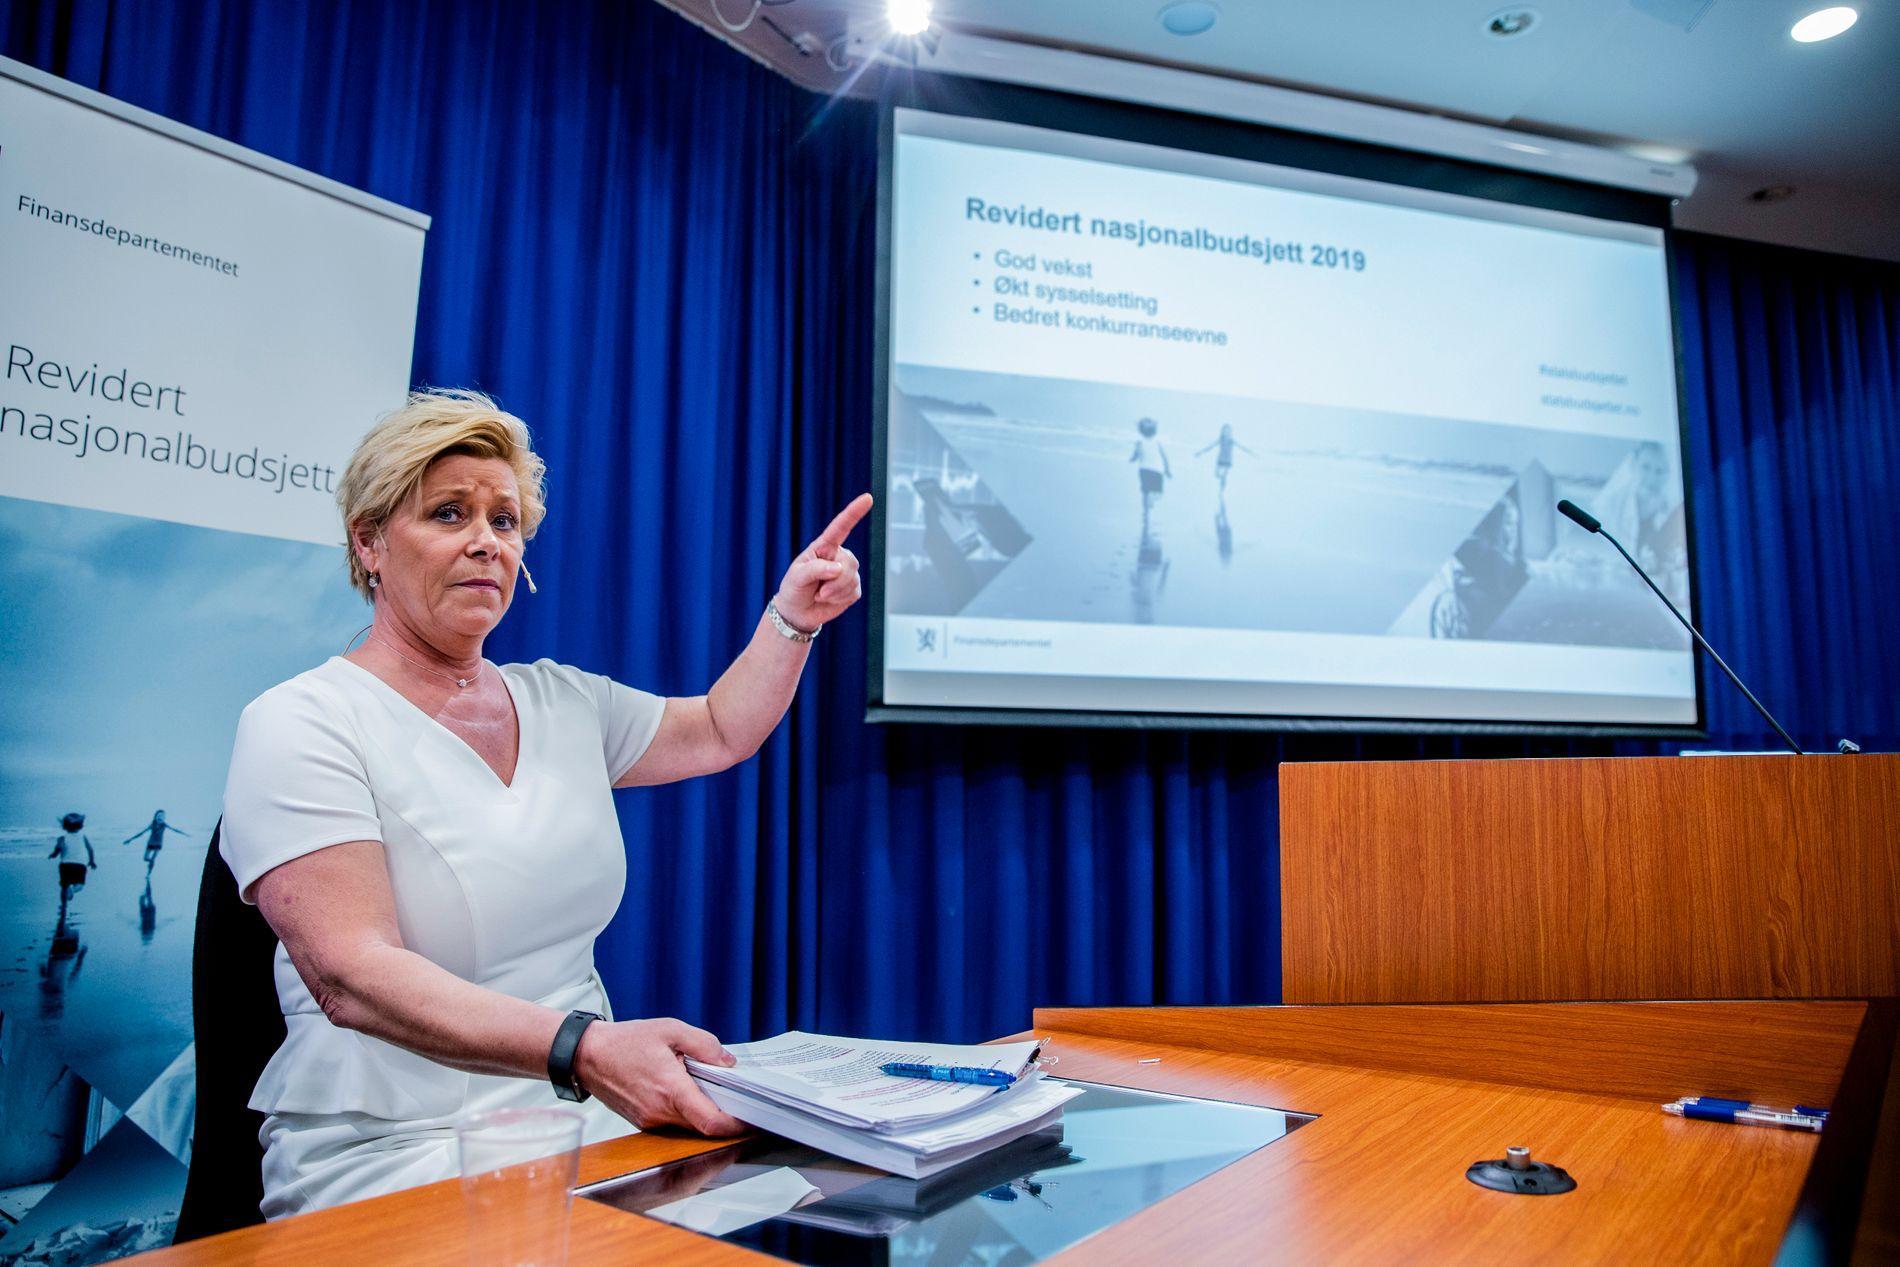 Finansminister Siv Jensen gikk i rette med kritikerne da hun holdt pressekonferanse om revidert budsjett tirsdag formiddag. Foto: Stian Lysberg Solum / NTB scanpix